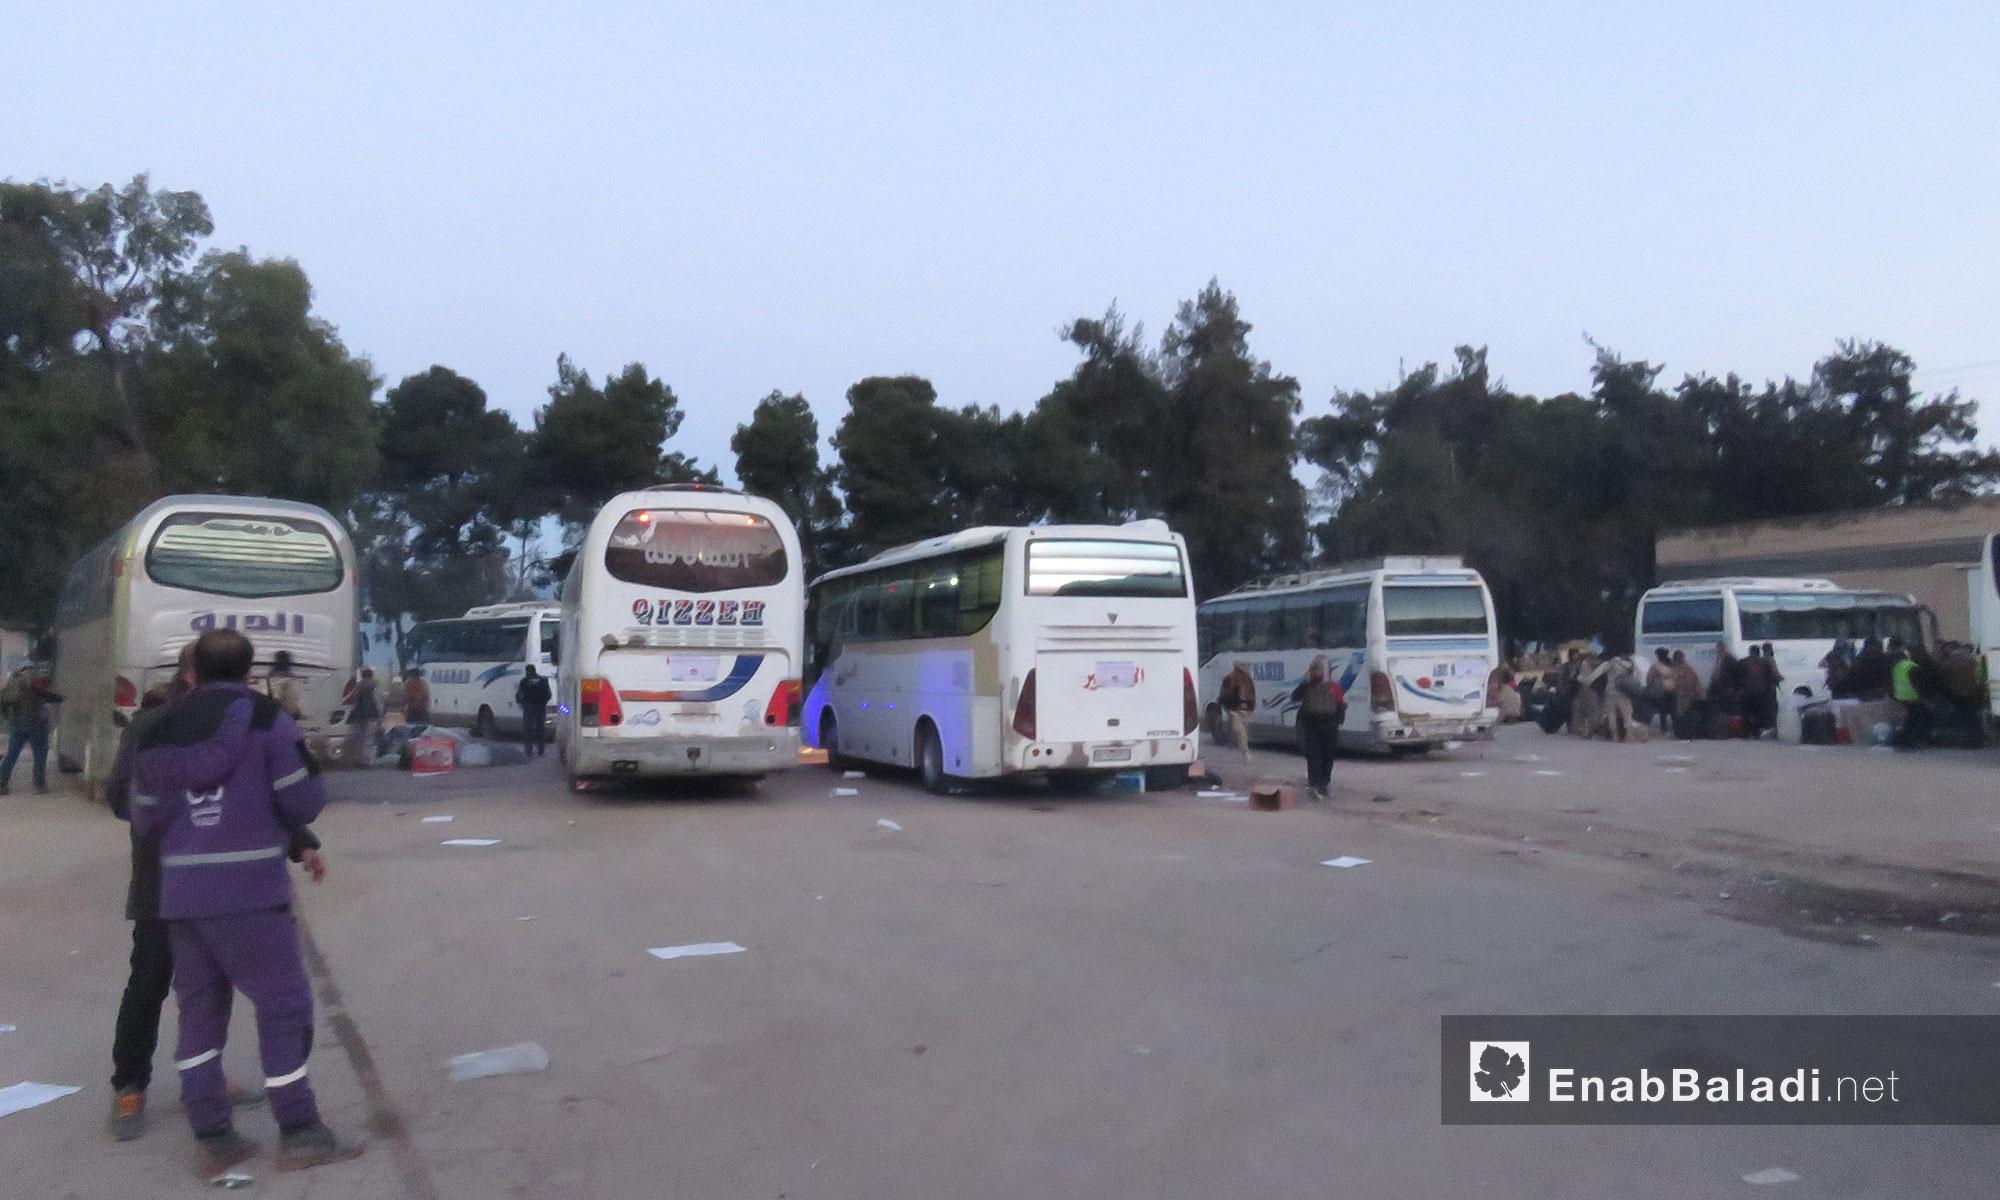 وصول الدفعة الثانية من مهجري القلمون إلى قلعة المضيق بريف حماة - 23 نيسان 2018 (عنب بلدي)